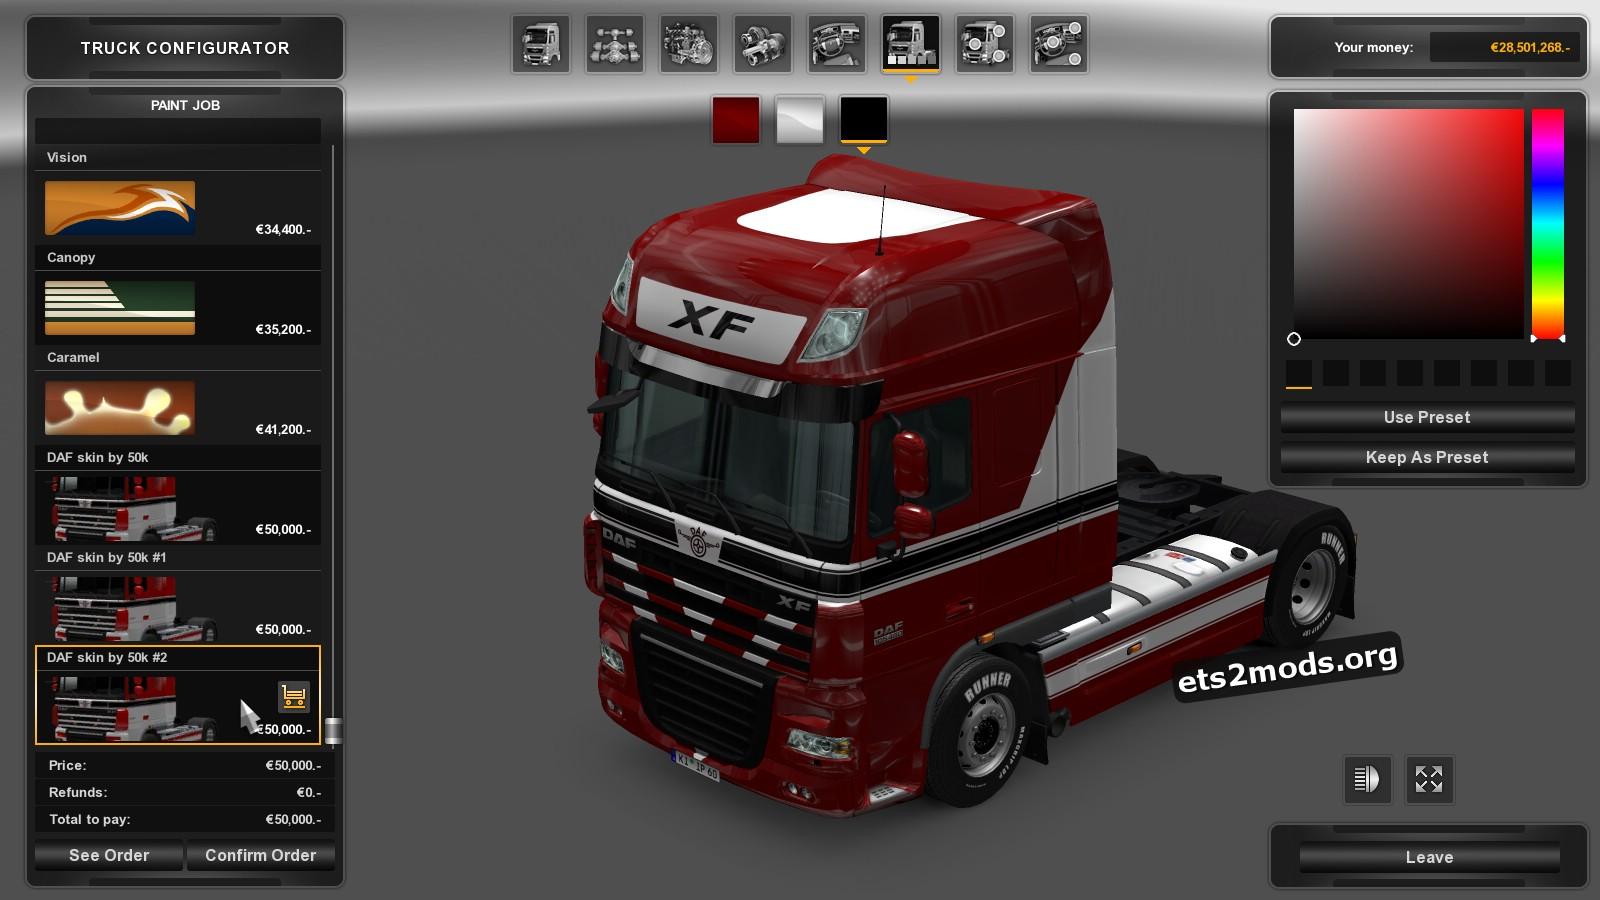 Red&White Skin for DAF 50K